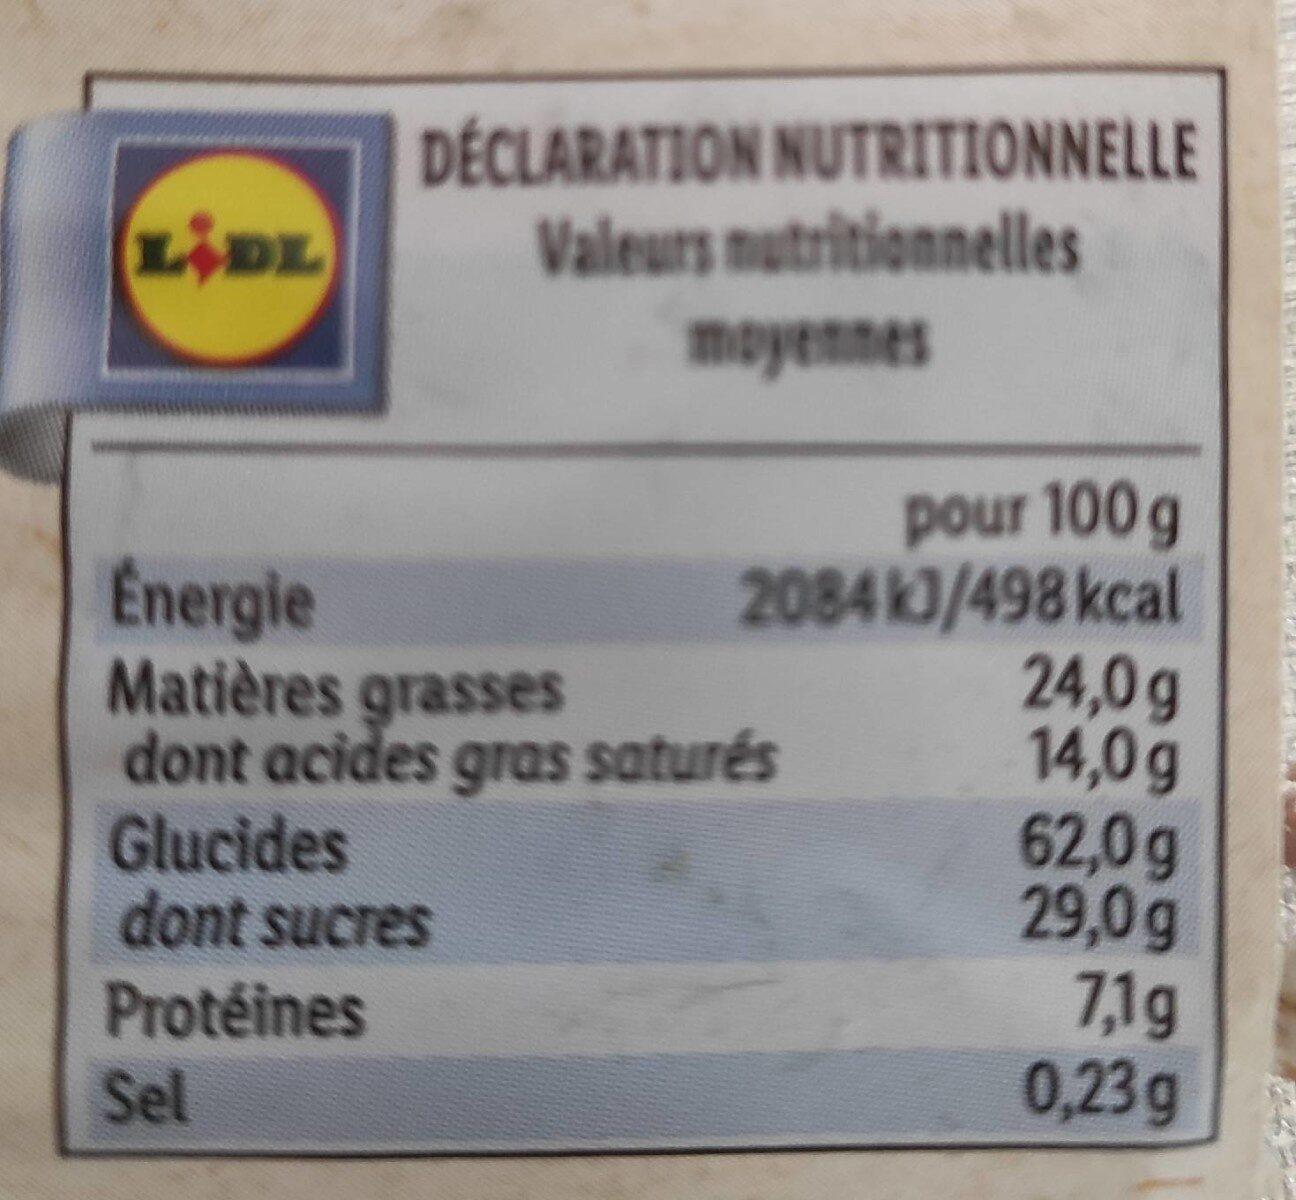 Galettes de riz bio - Información nutricional - fr